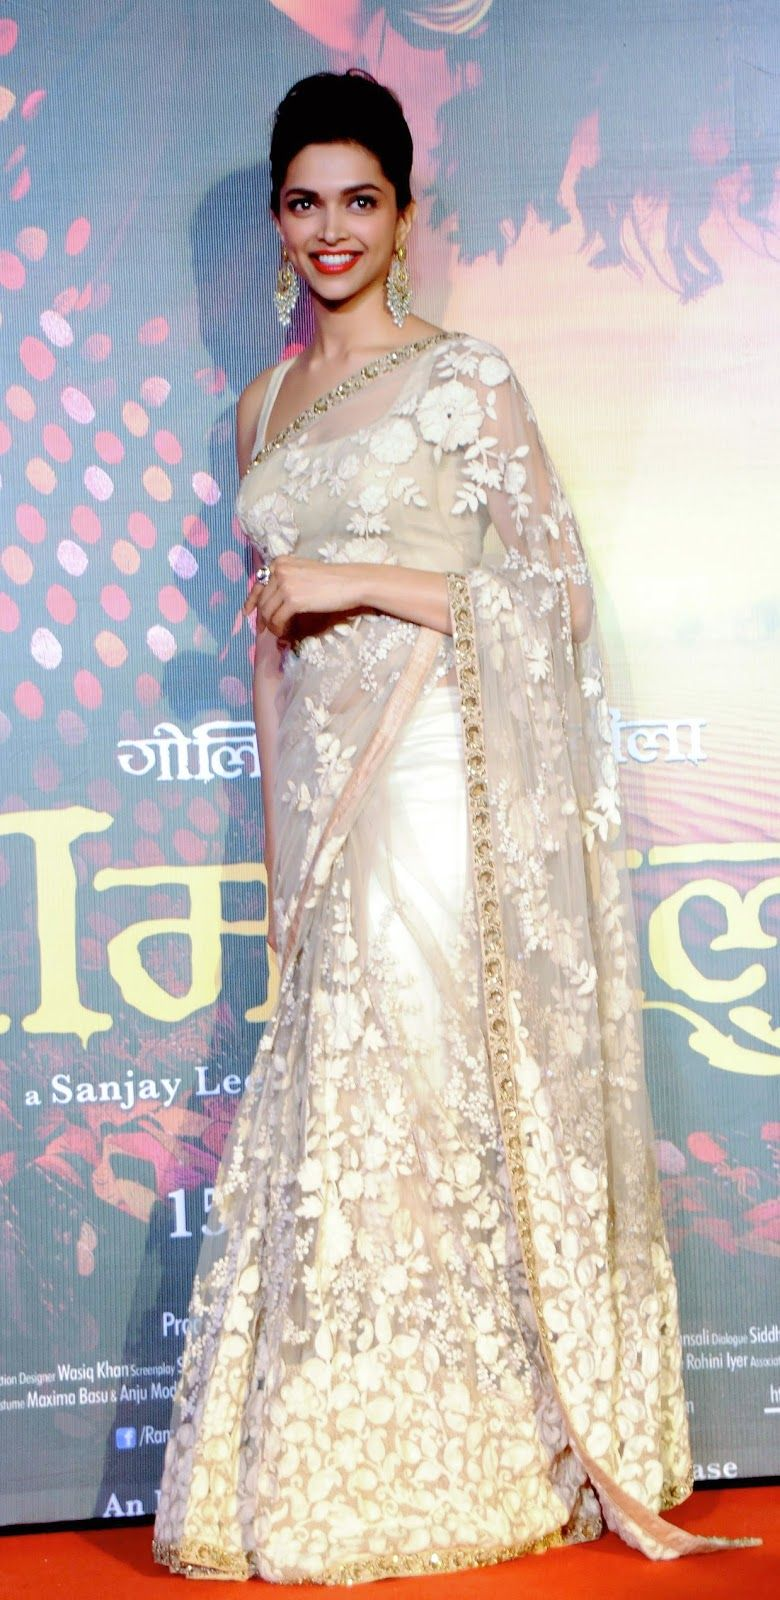 Ranveer Singh Married to Deepika Padukone